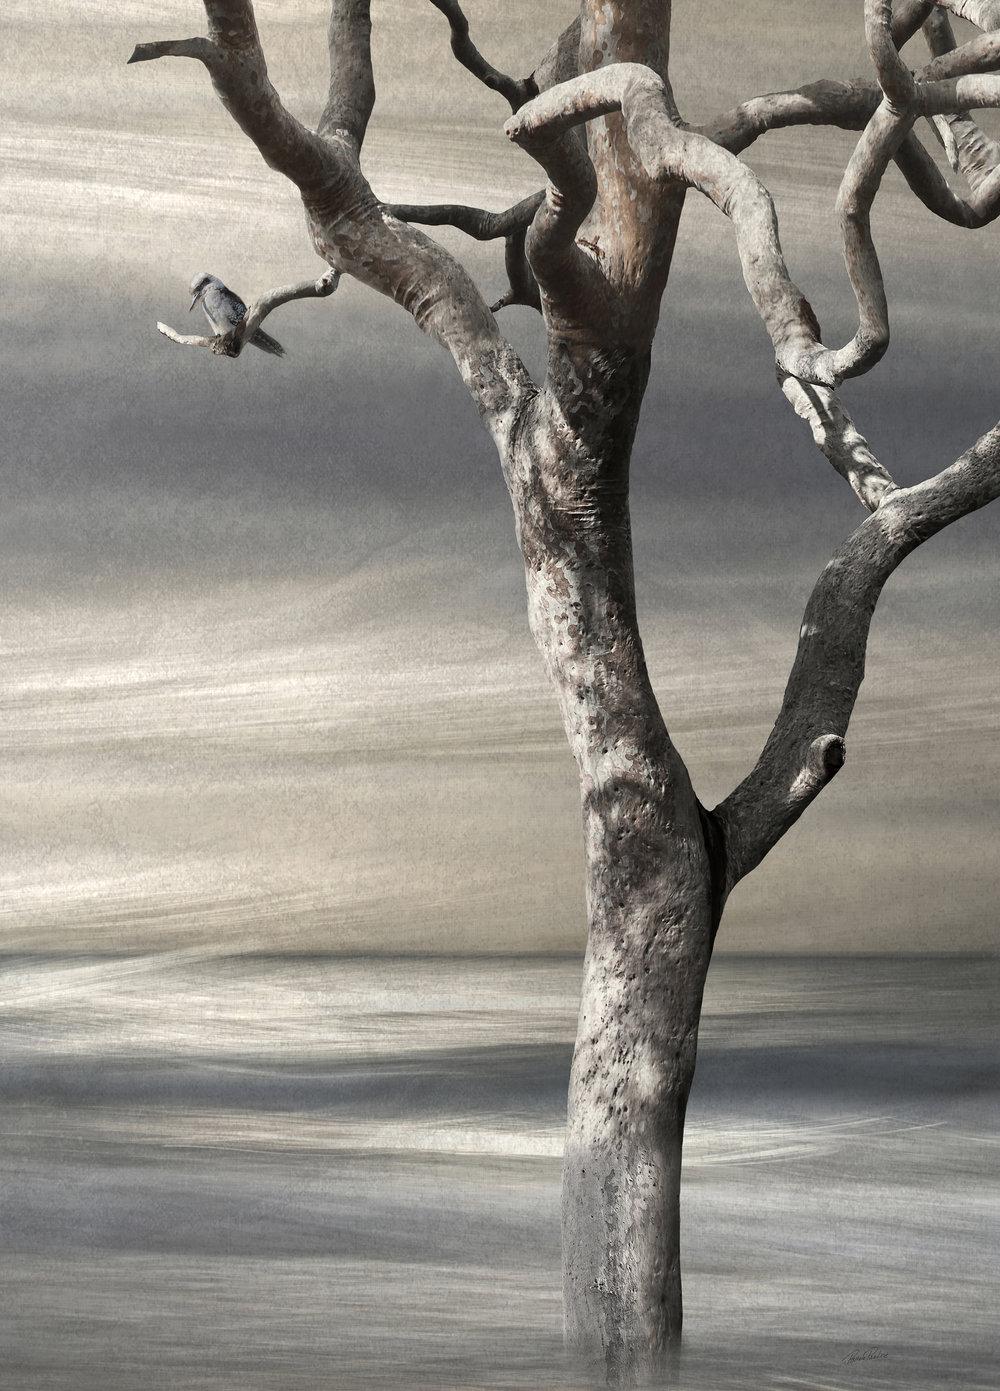 kookaburralaughsweb.jpg